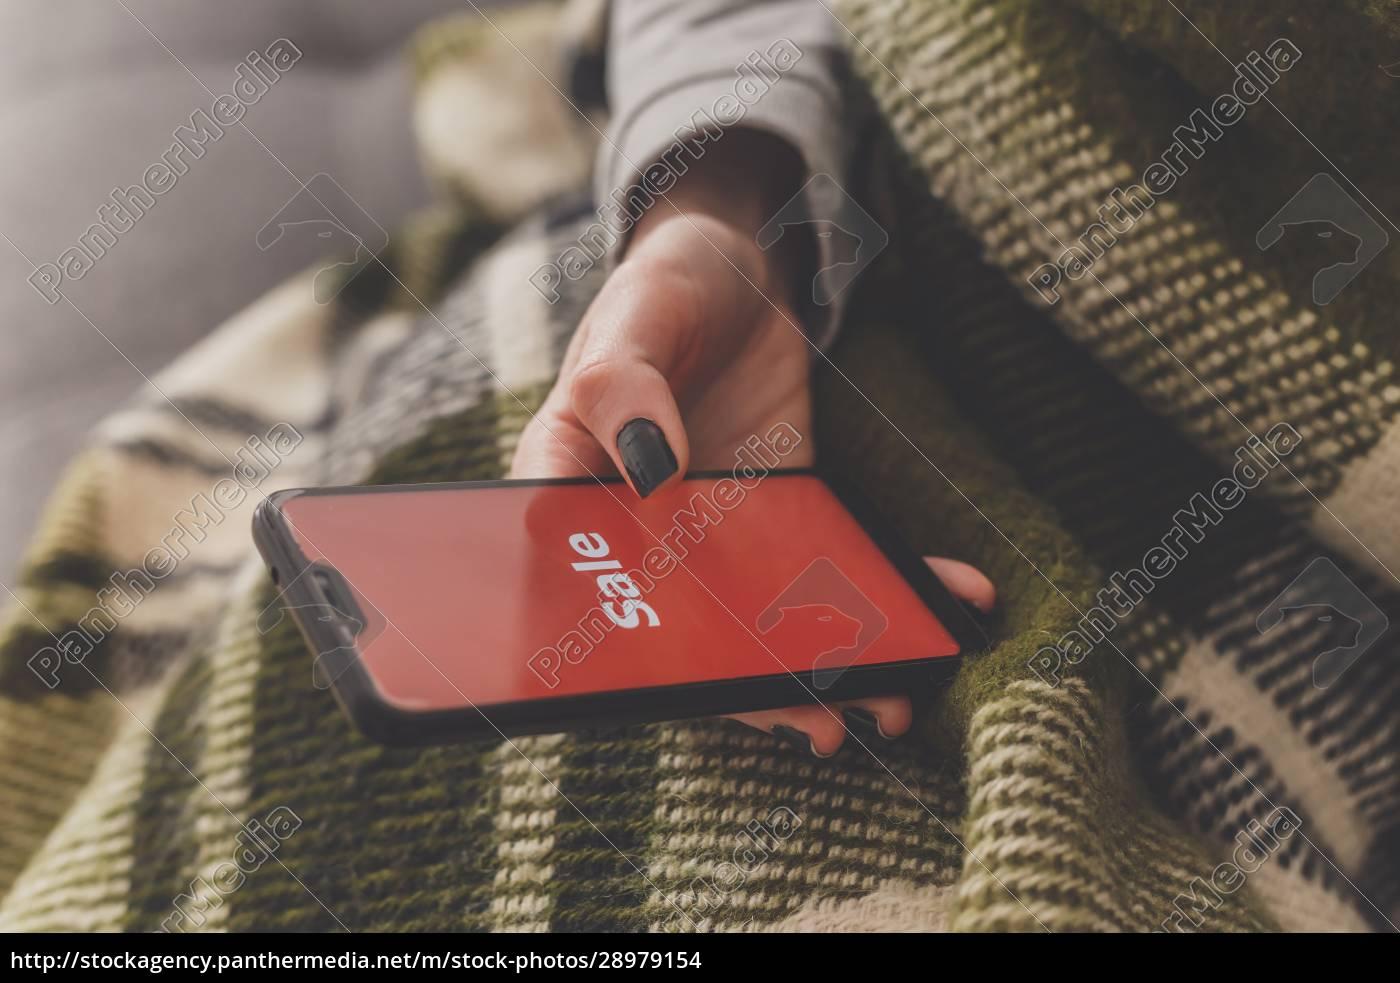 verkauf, auf, dem, telefonbildschirm., frau, hält - 28979154